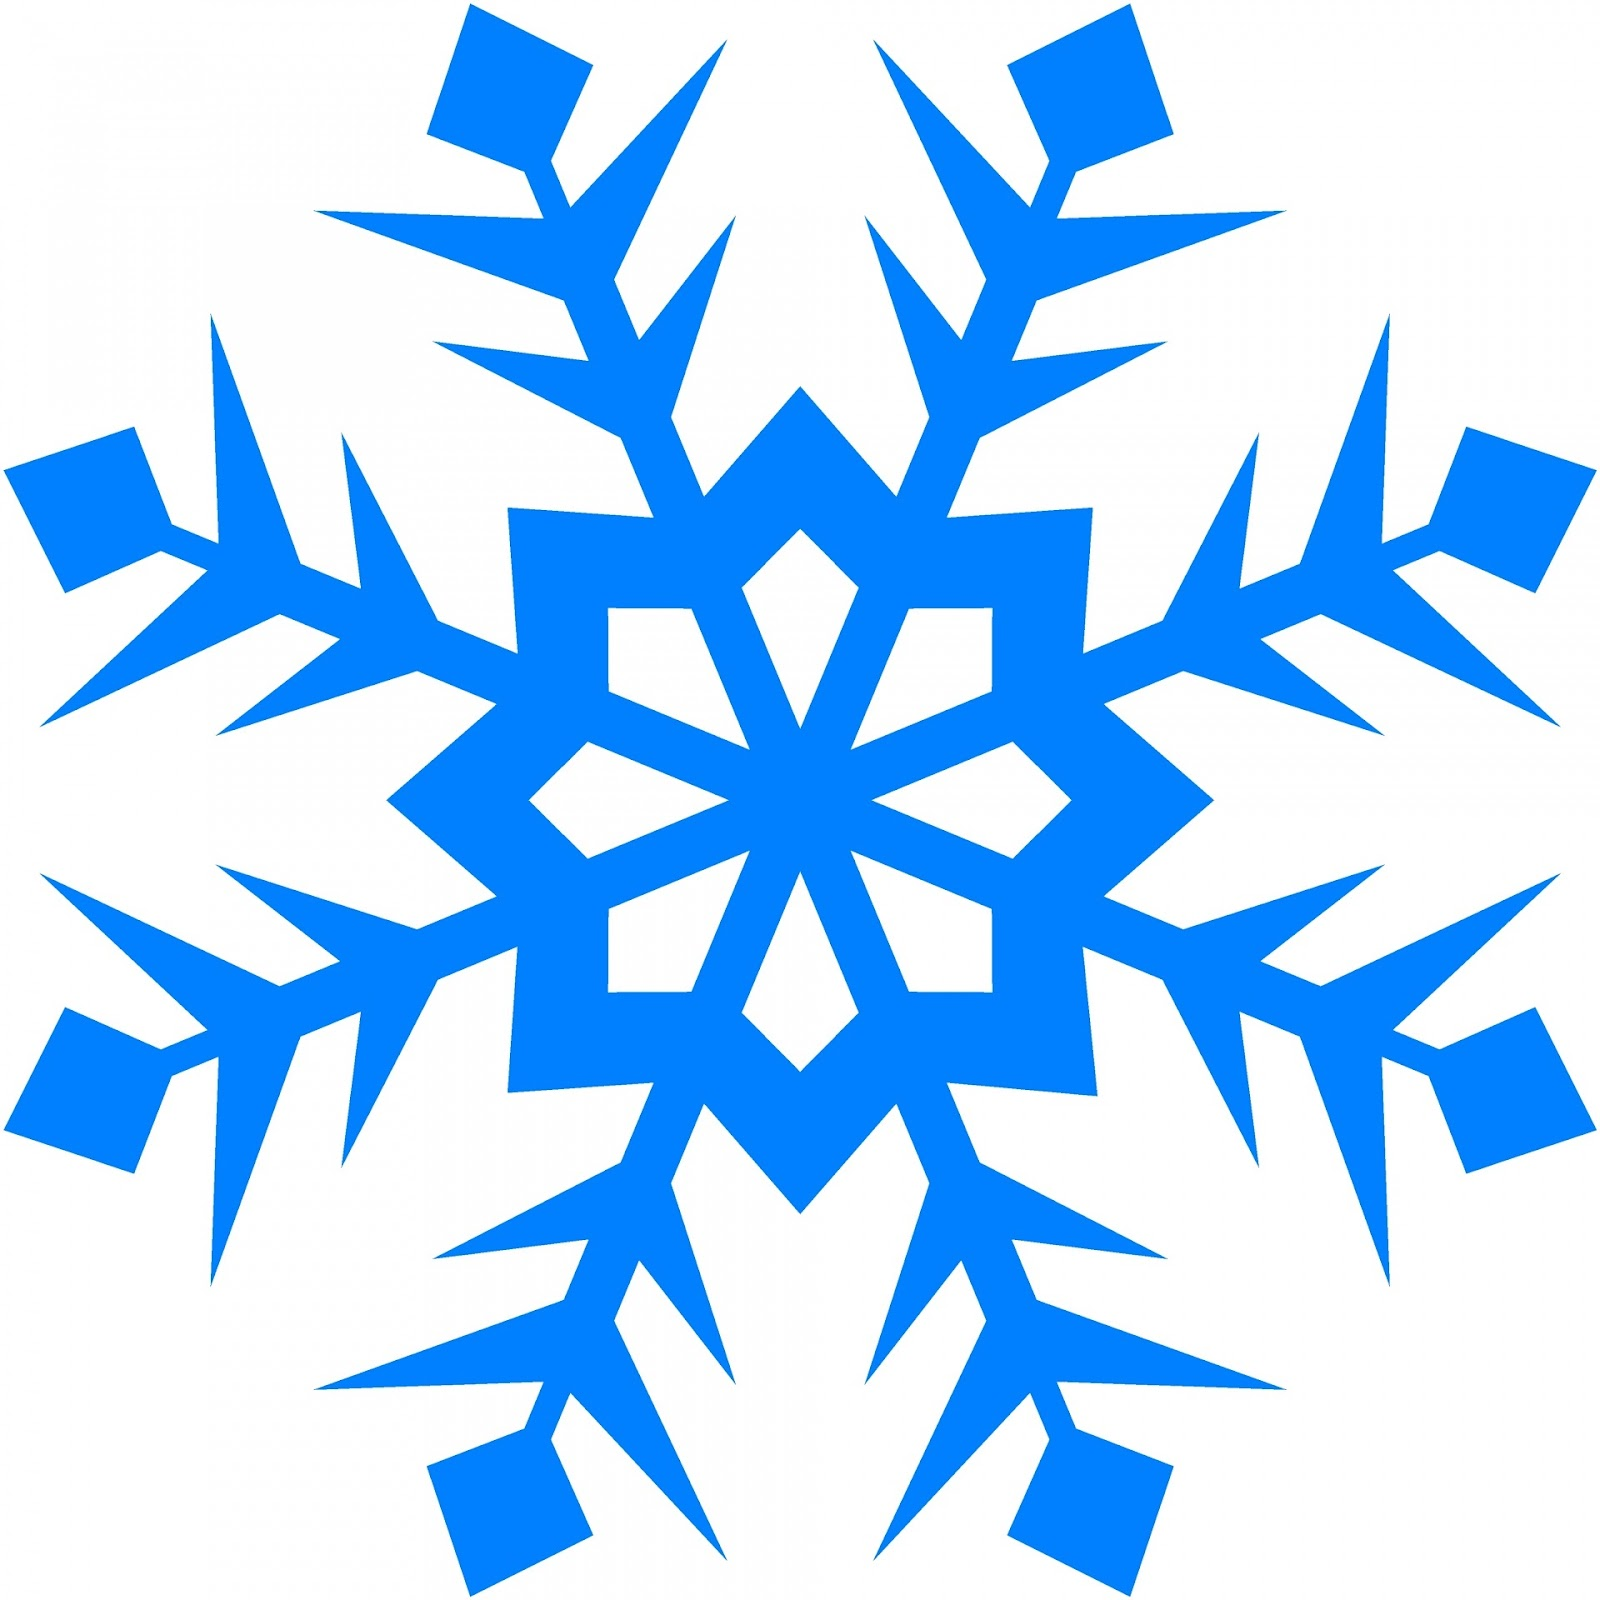 blue-snowflake-99.jpg